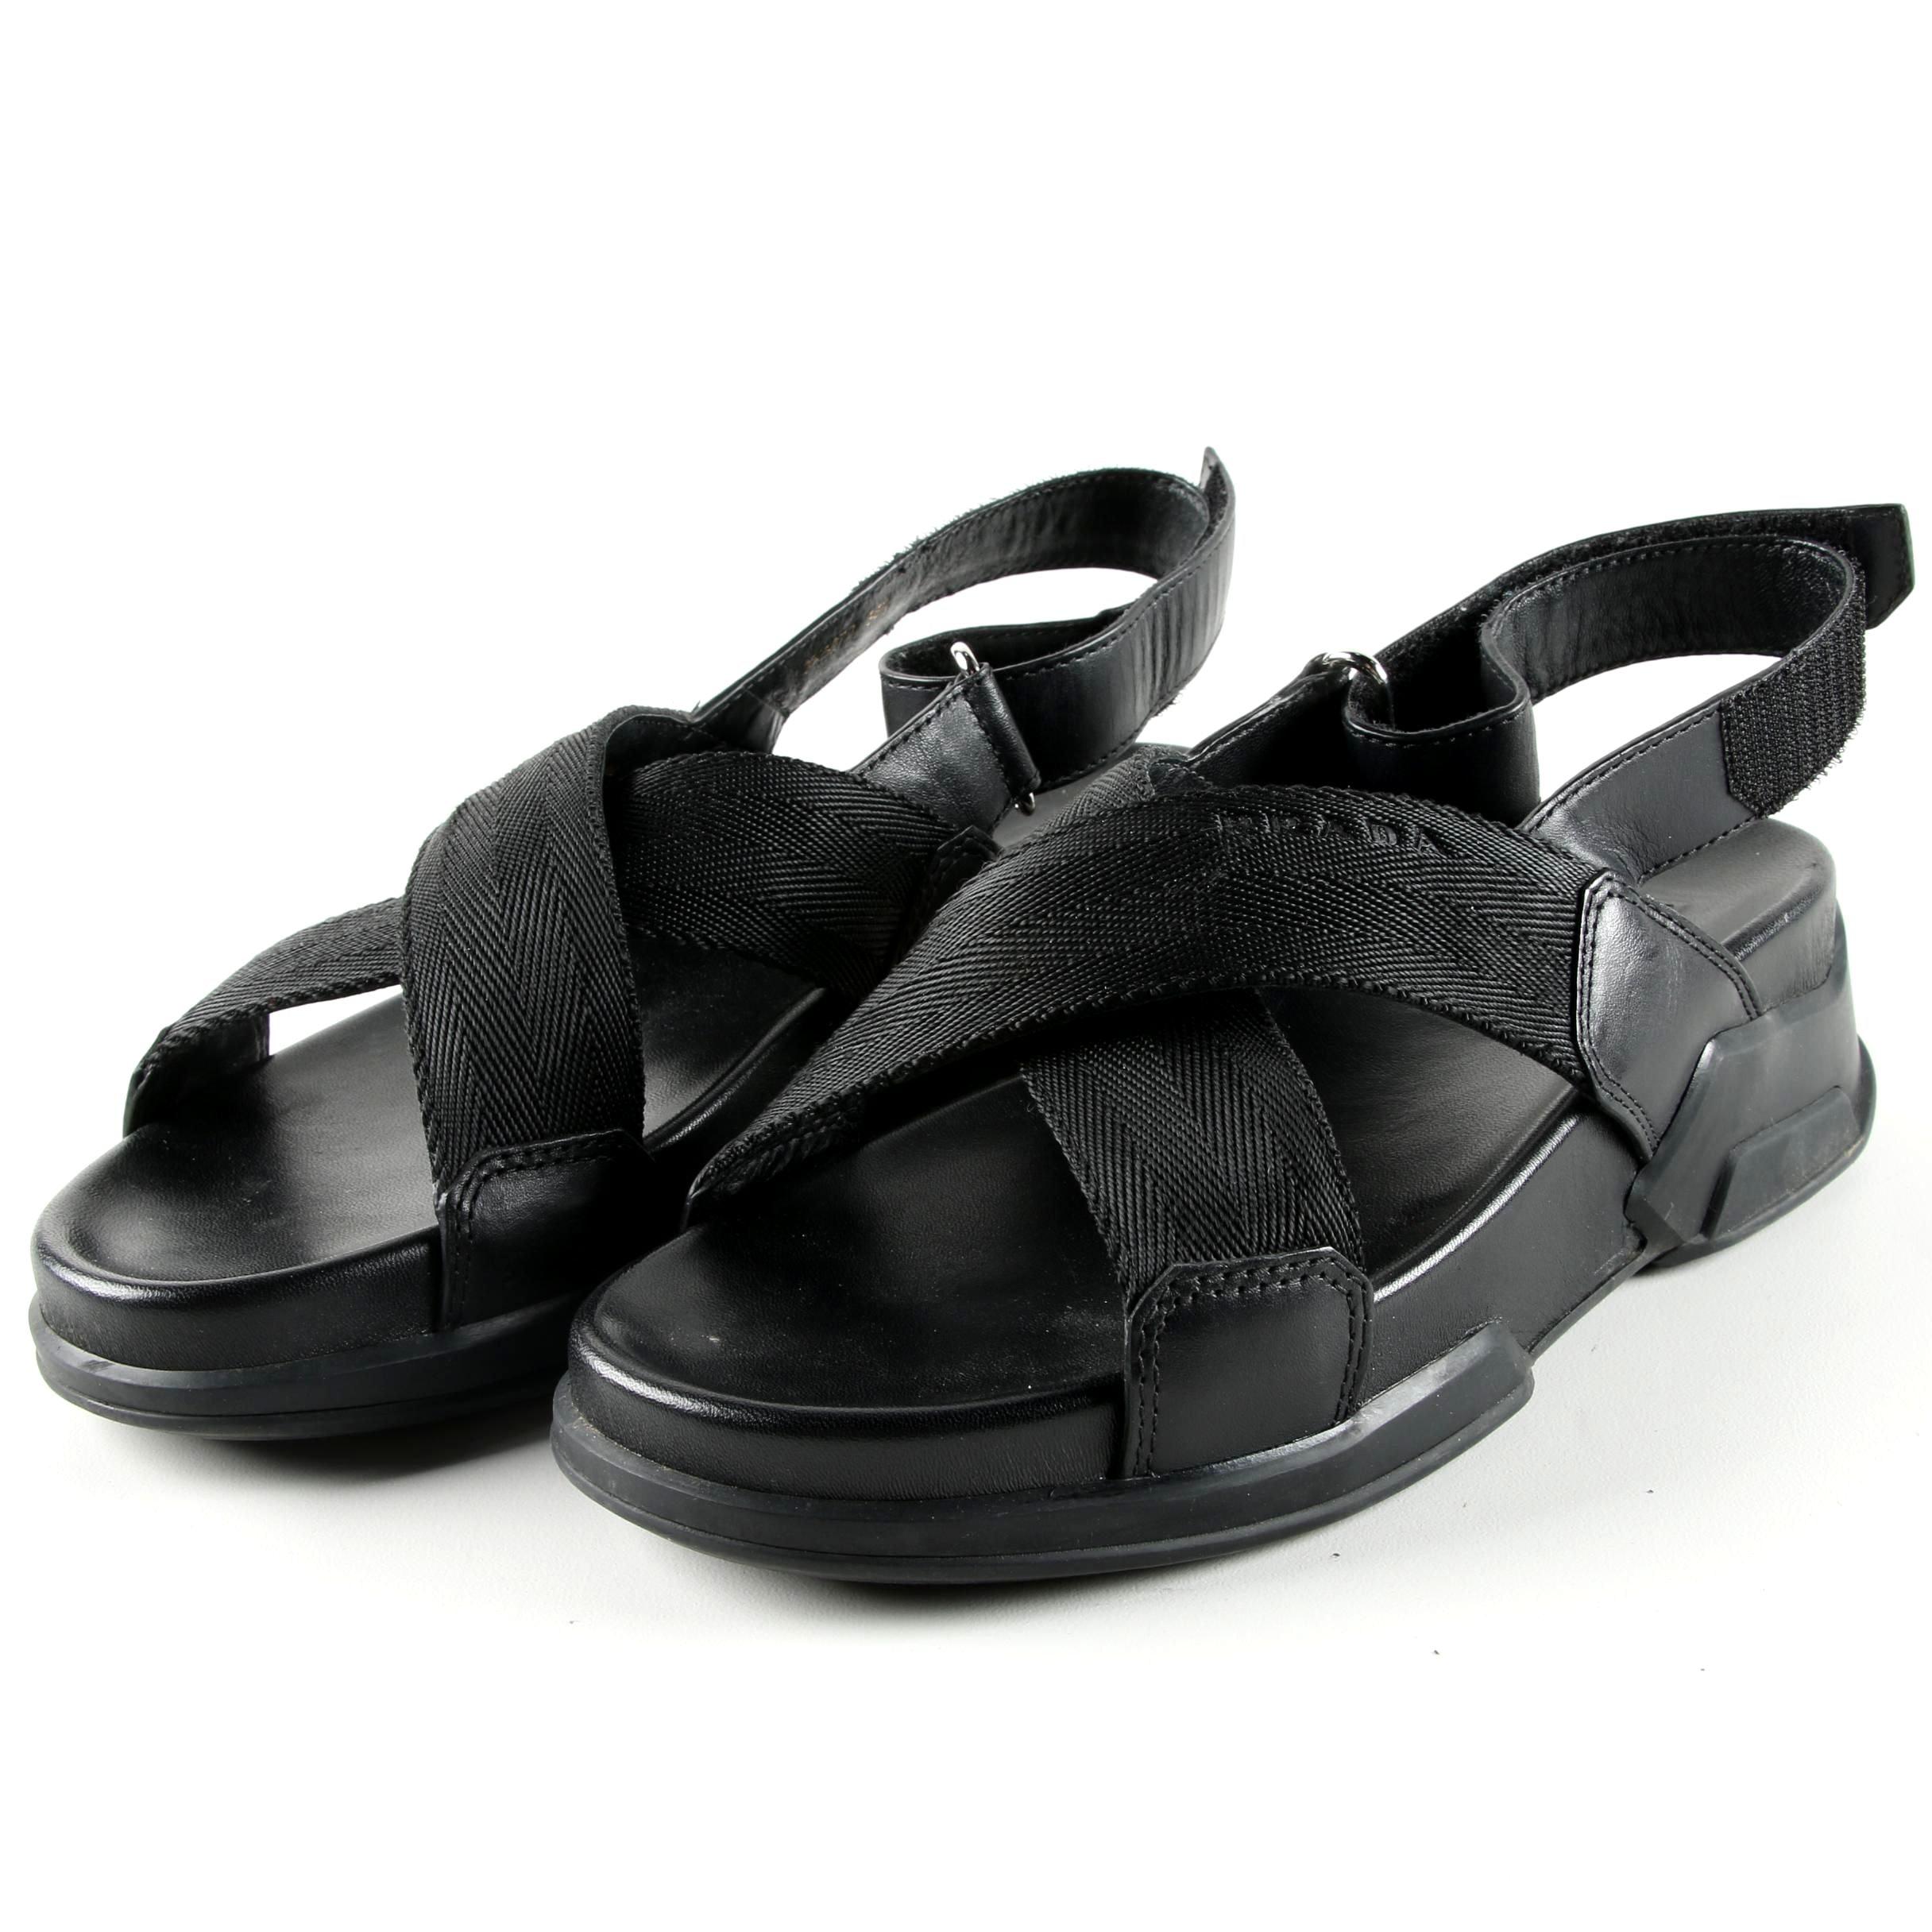 Prada Calzature Donna Black Vitello Plume Sandals